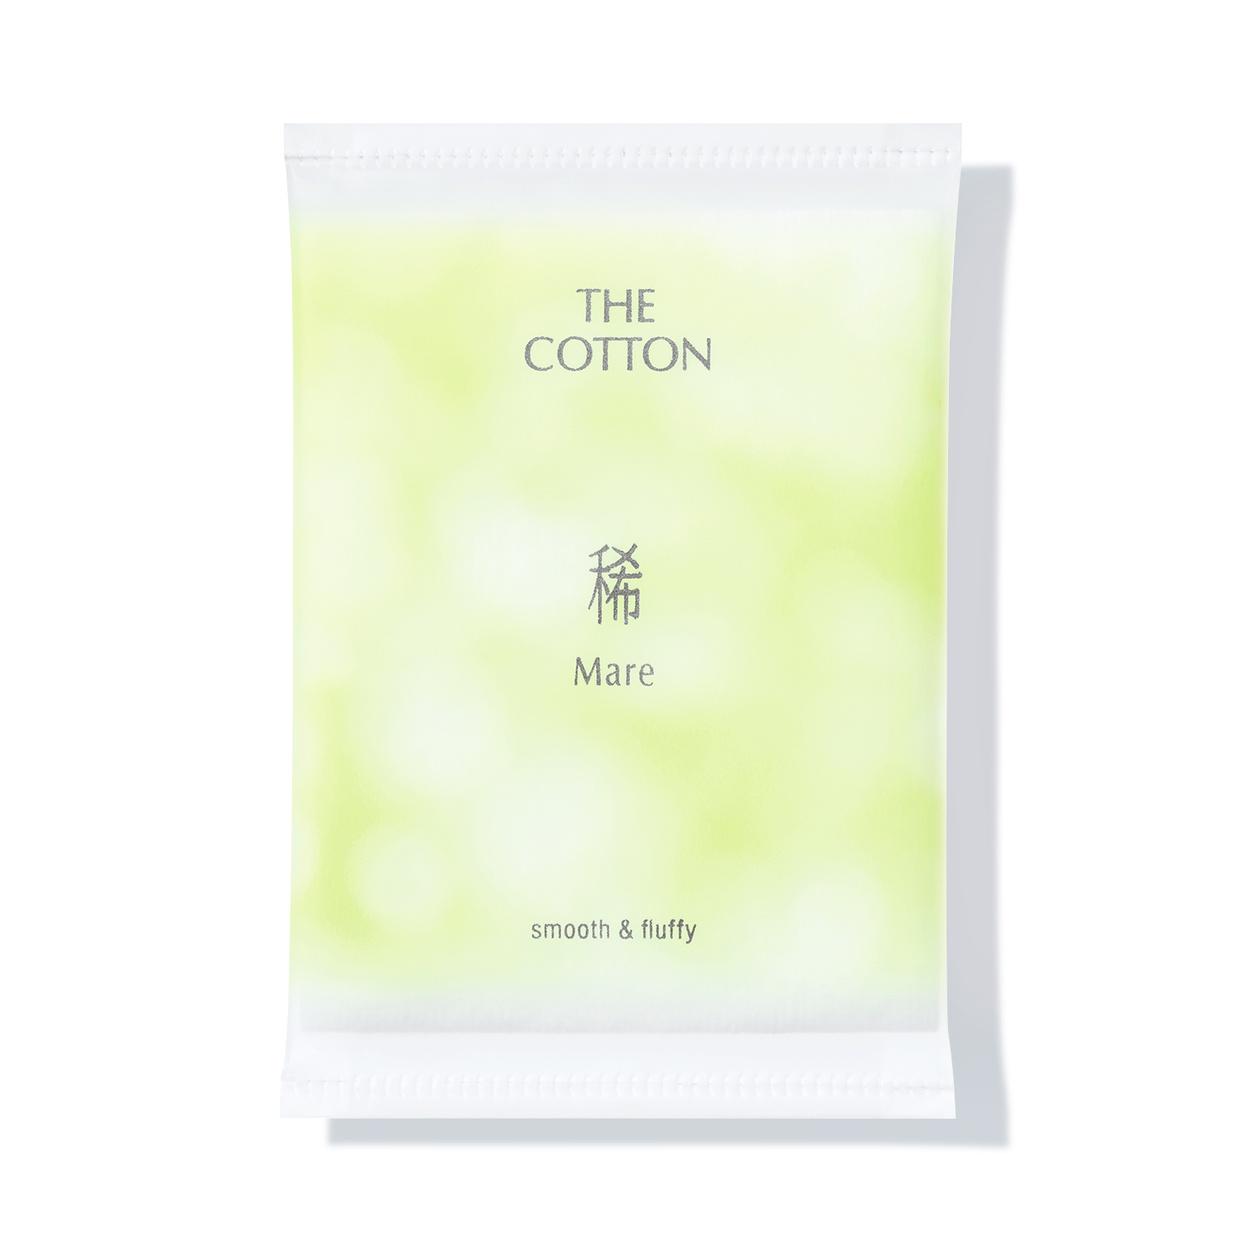 THE COTTON(ザ・コットン) ザ・コットン 稀